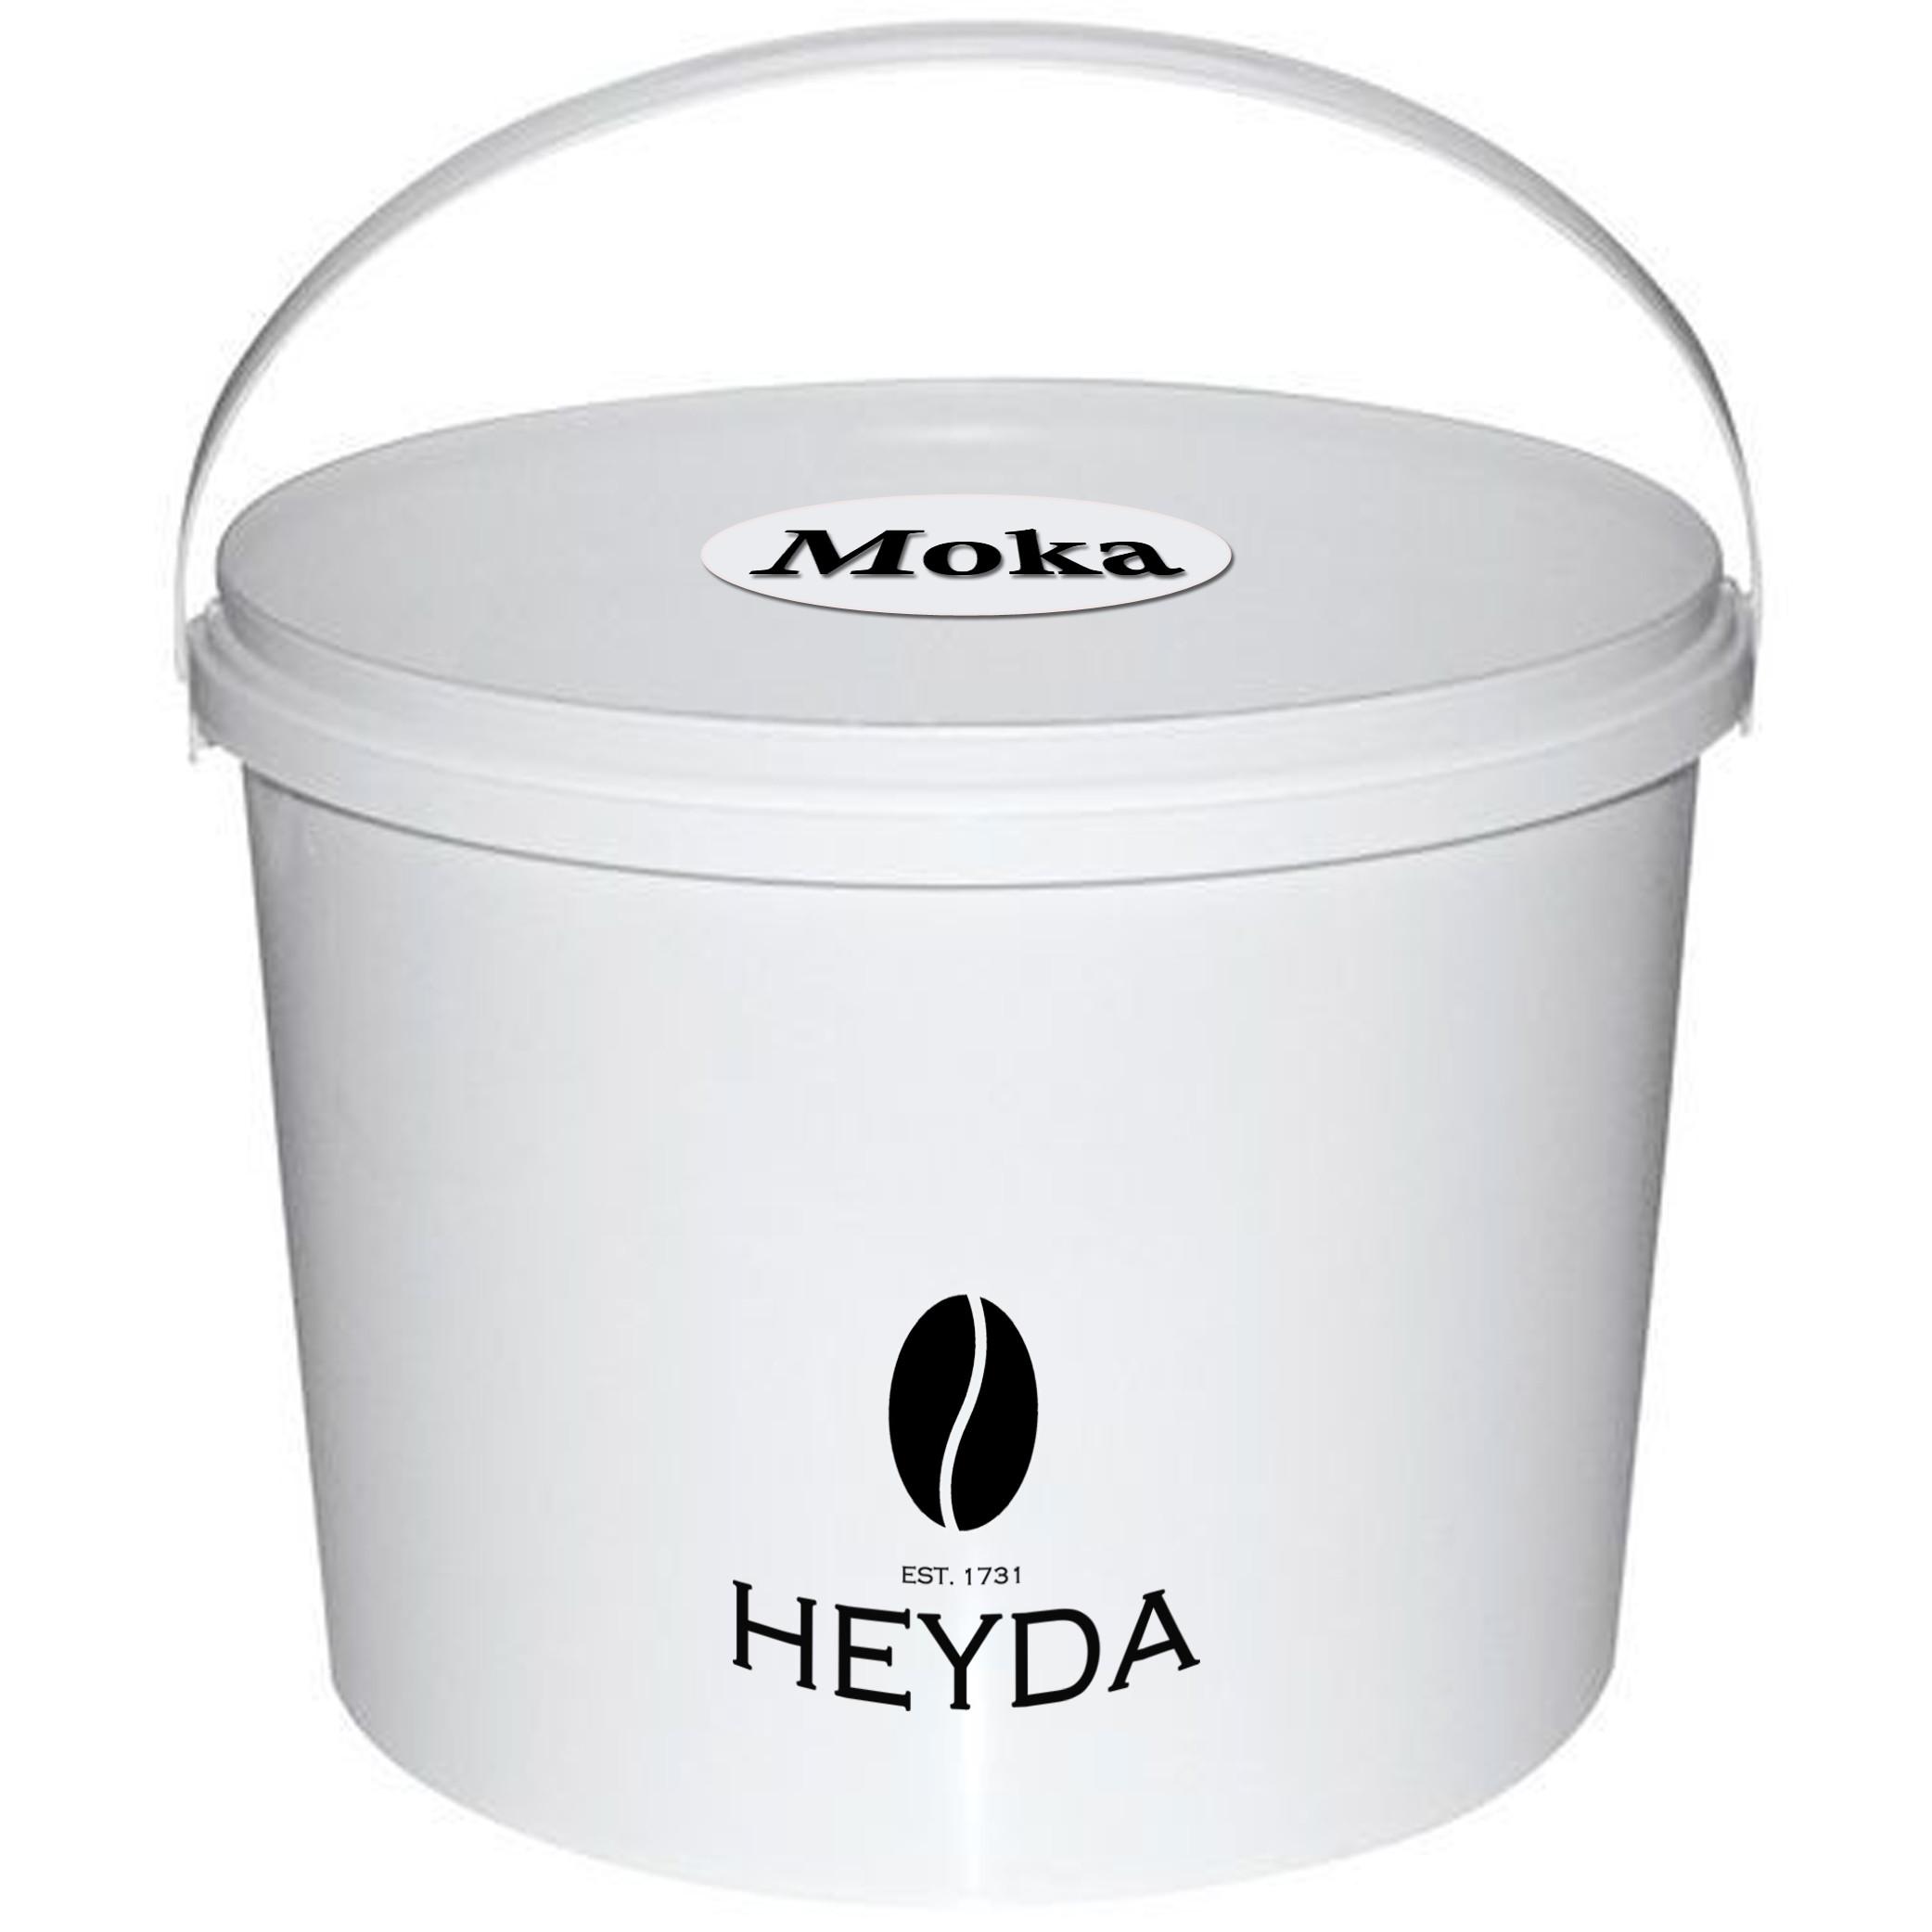 Heyda Koffie MOKA 8kg Bonen (Koffie)